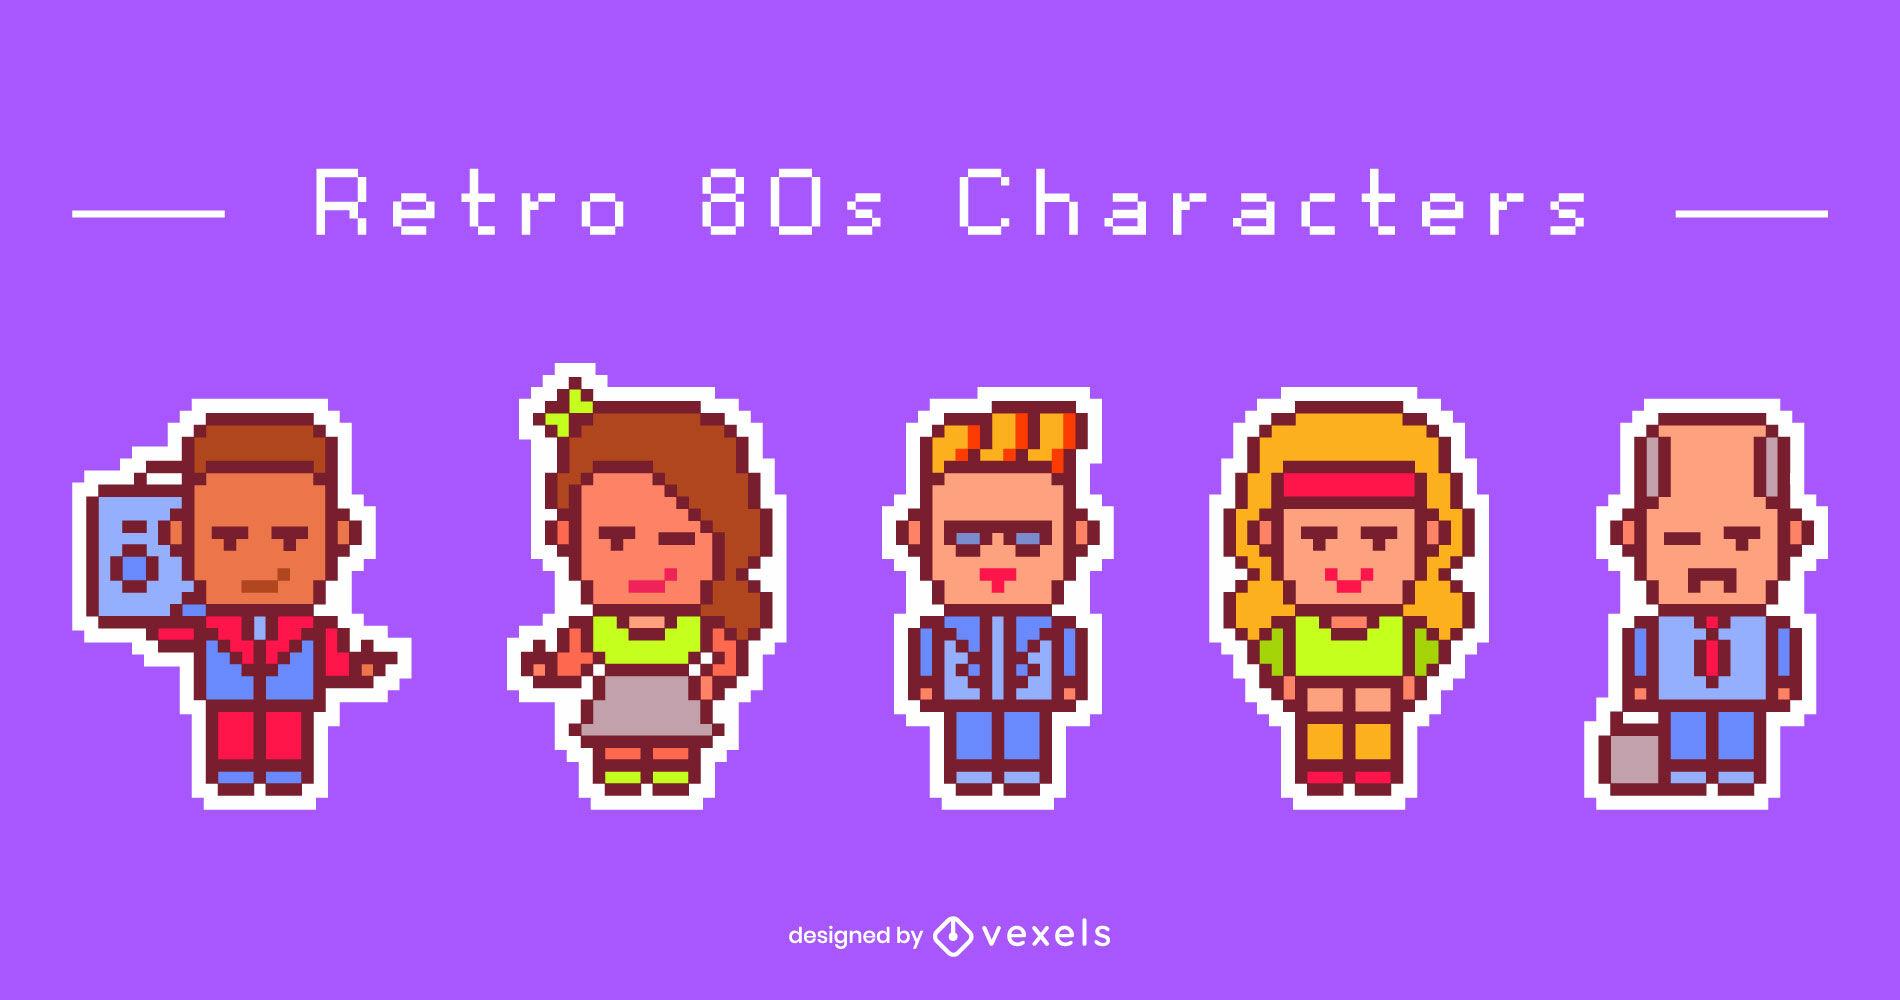 Personajes del conjunto de pixel art retro de los 80